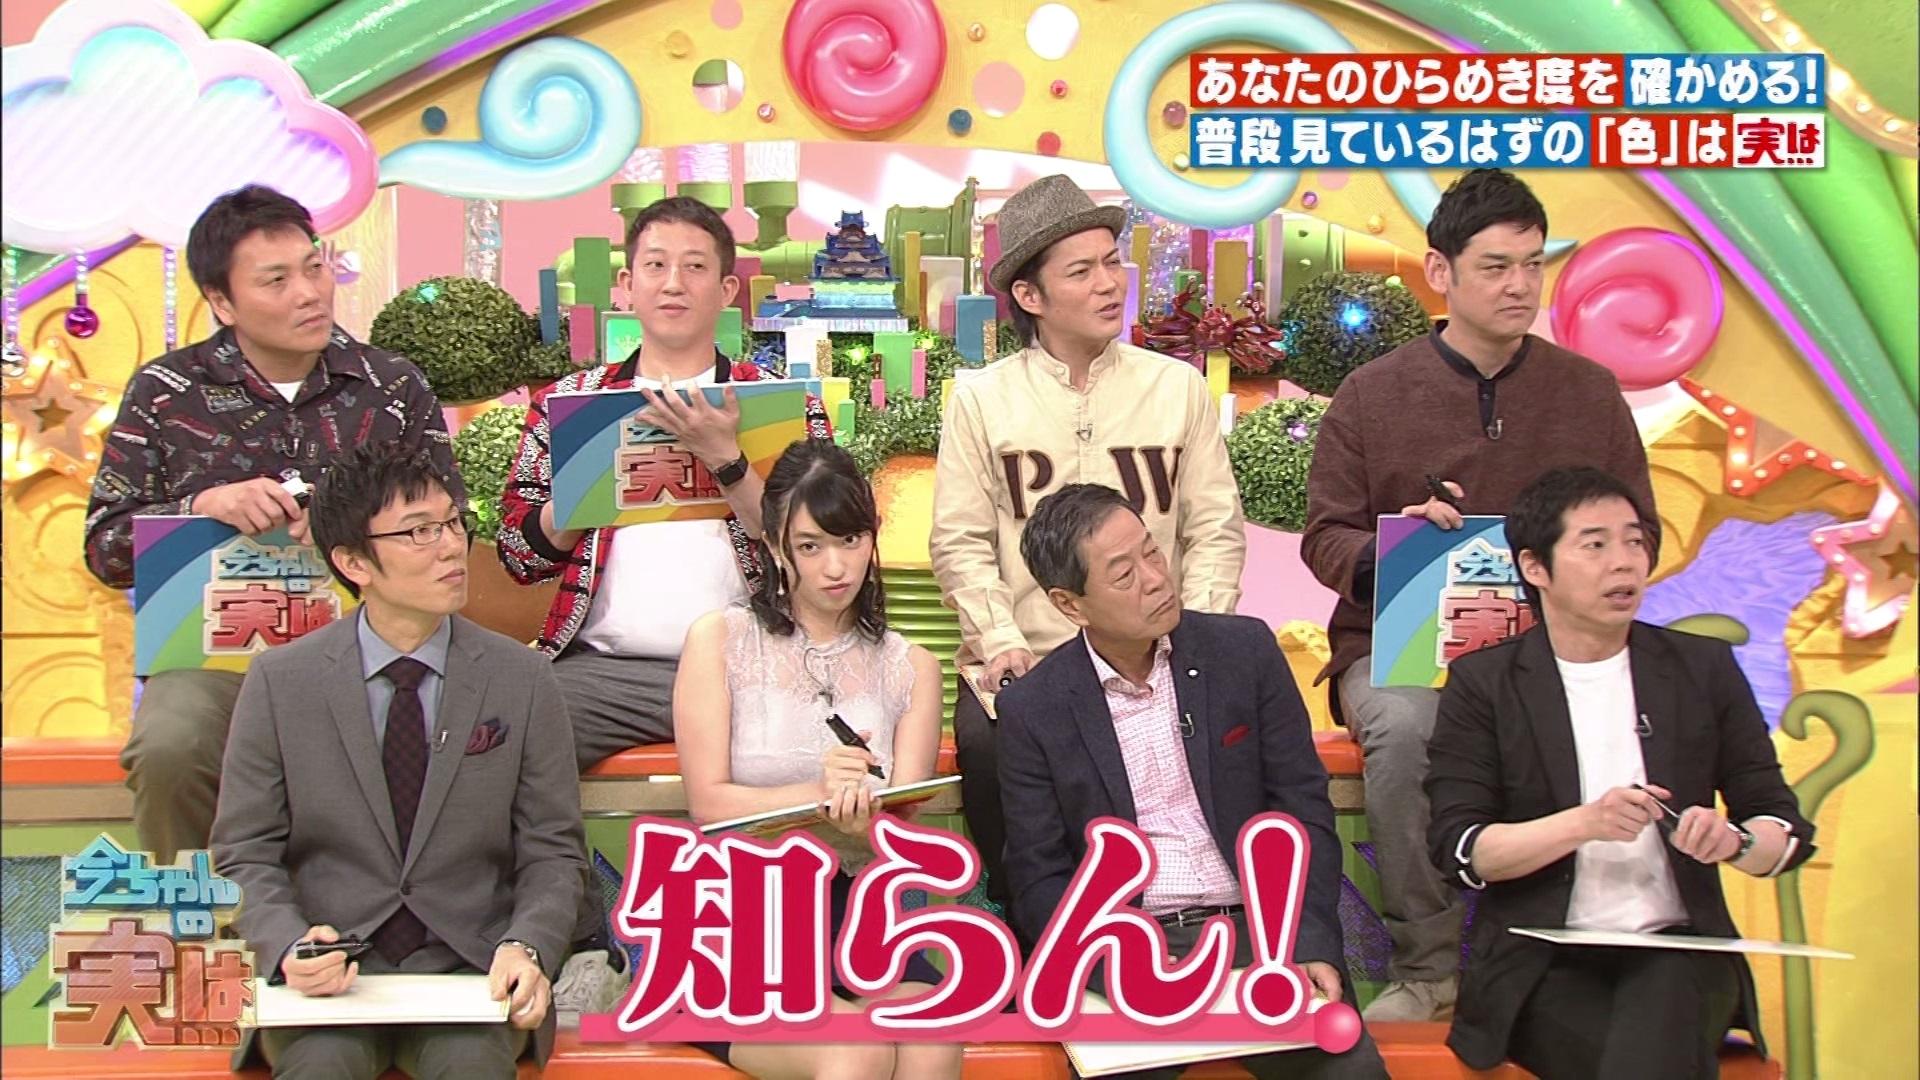 2018年11月14日「今ちゃんの実は」テレビキャプチャー画像-031